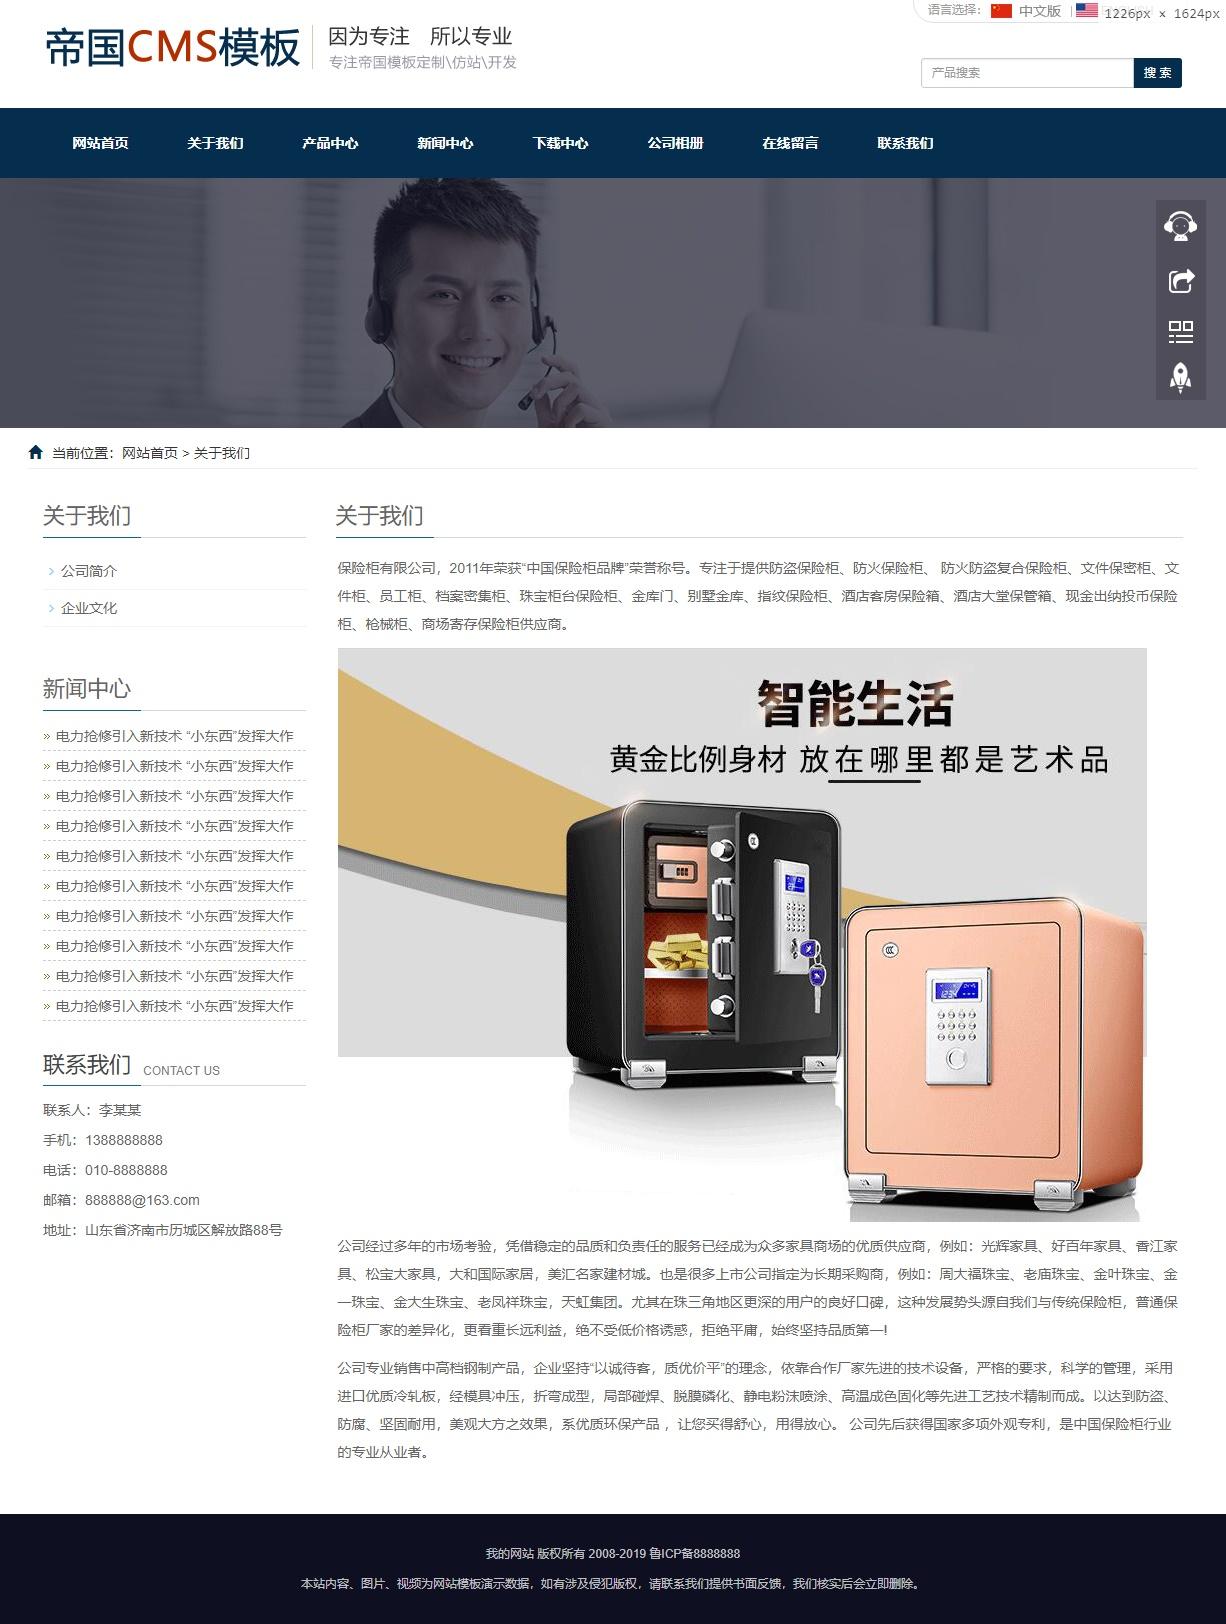 响应式自适应手机帝国cms中英文外贸企业网站模板_单页